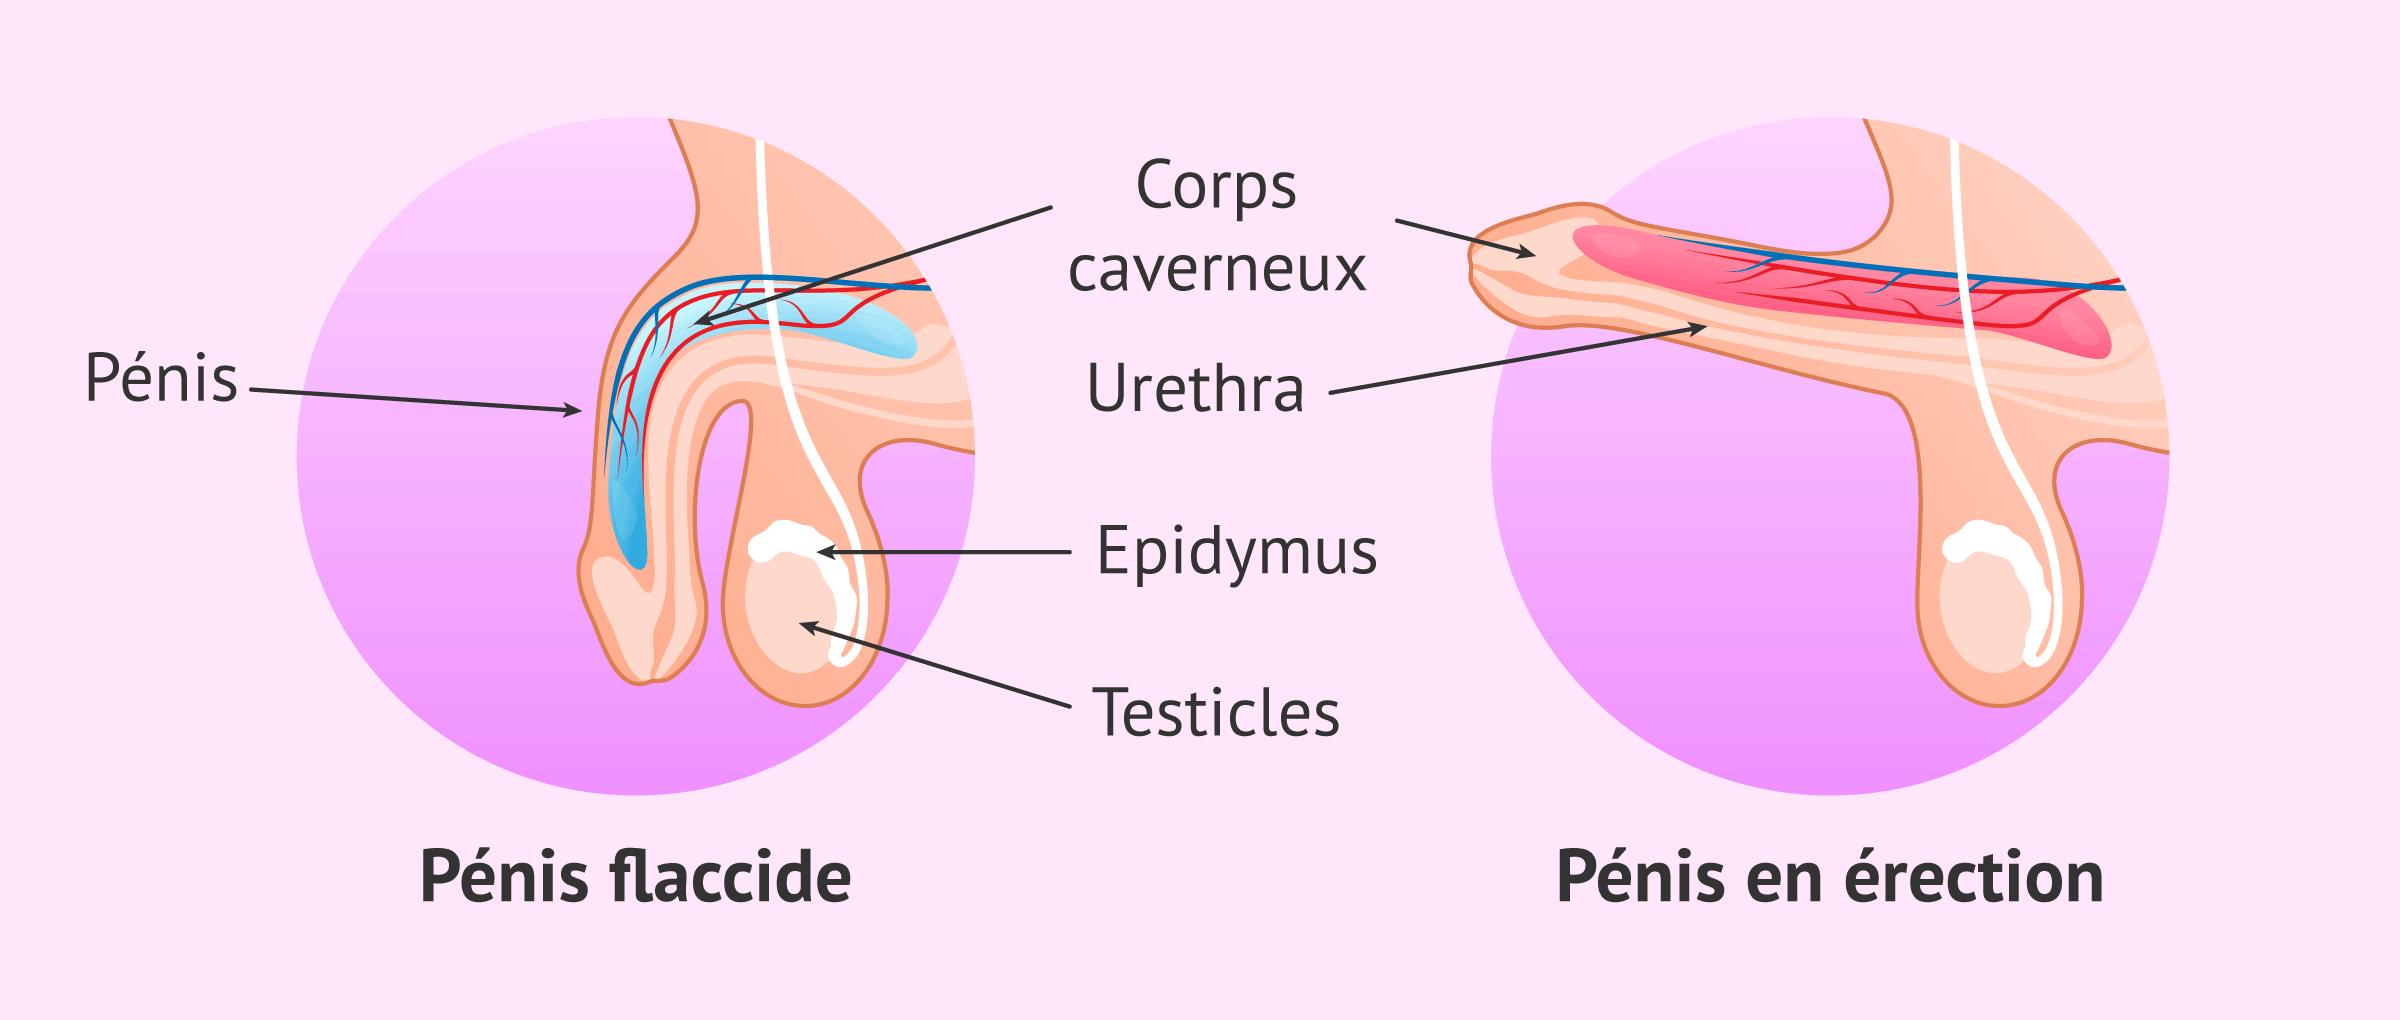 Mécanisme d'érection du pénis